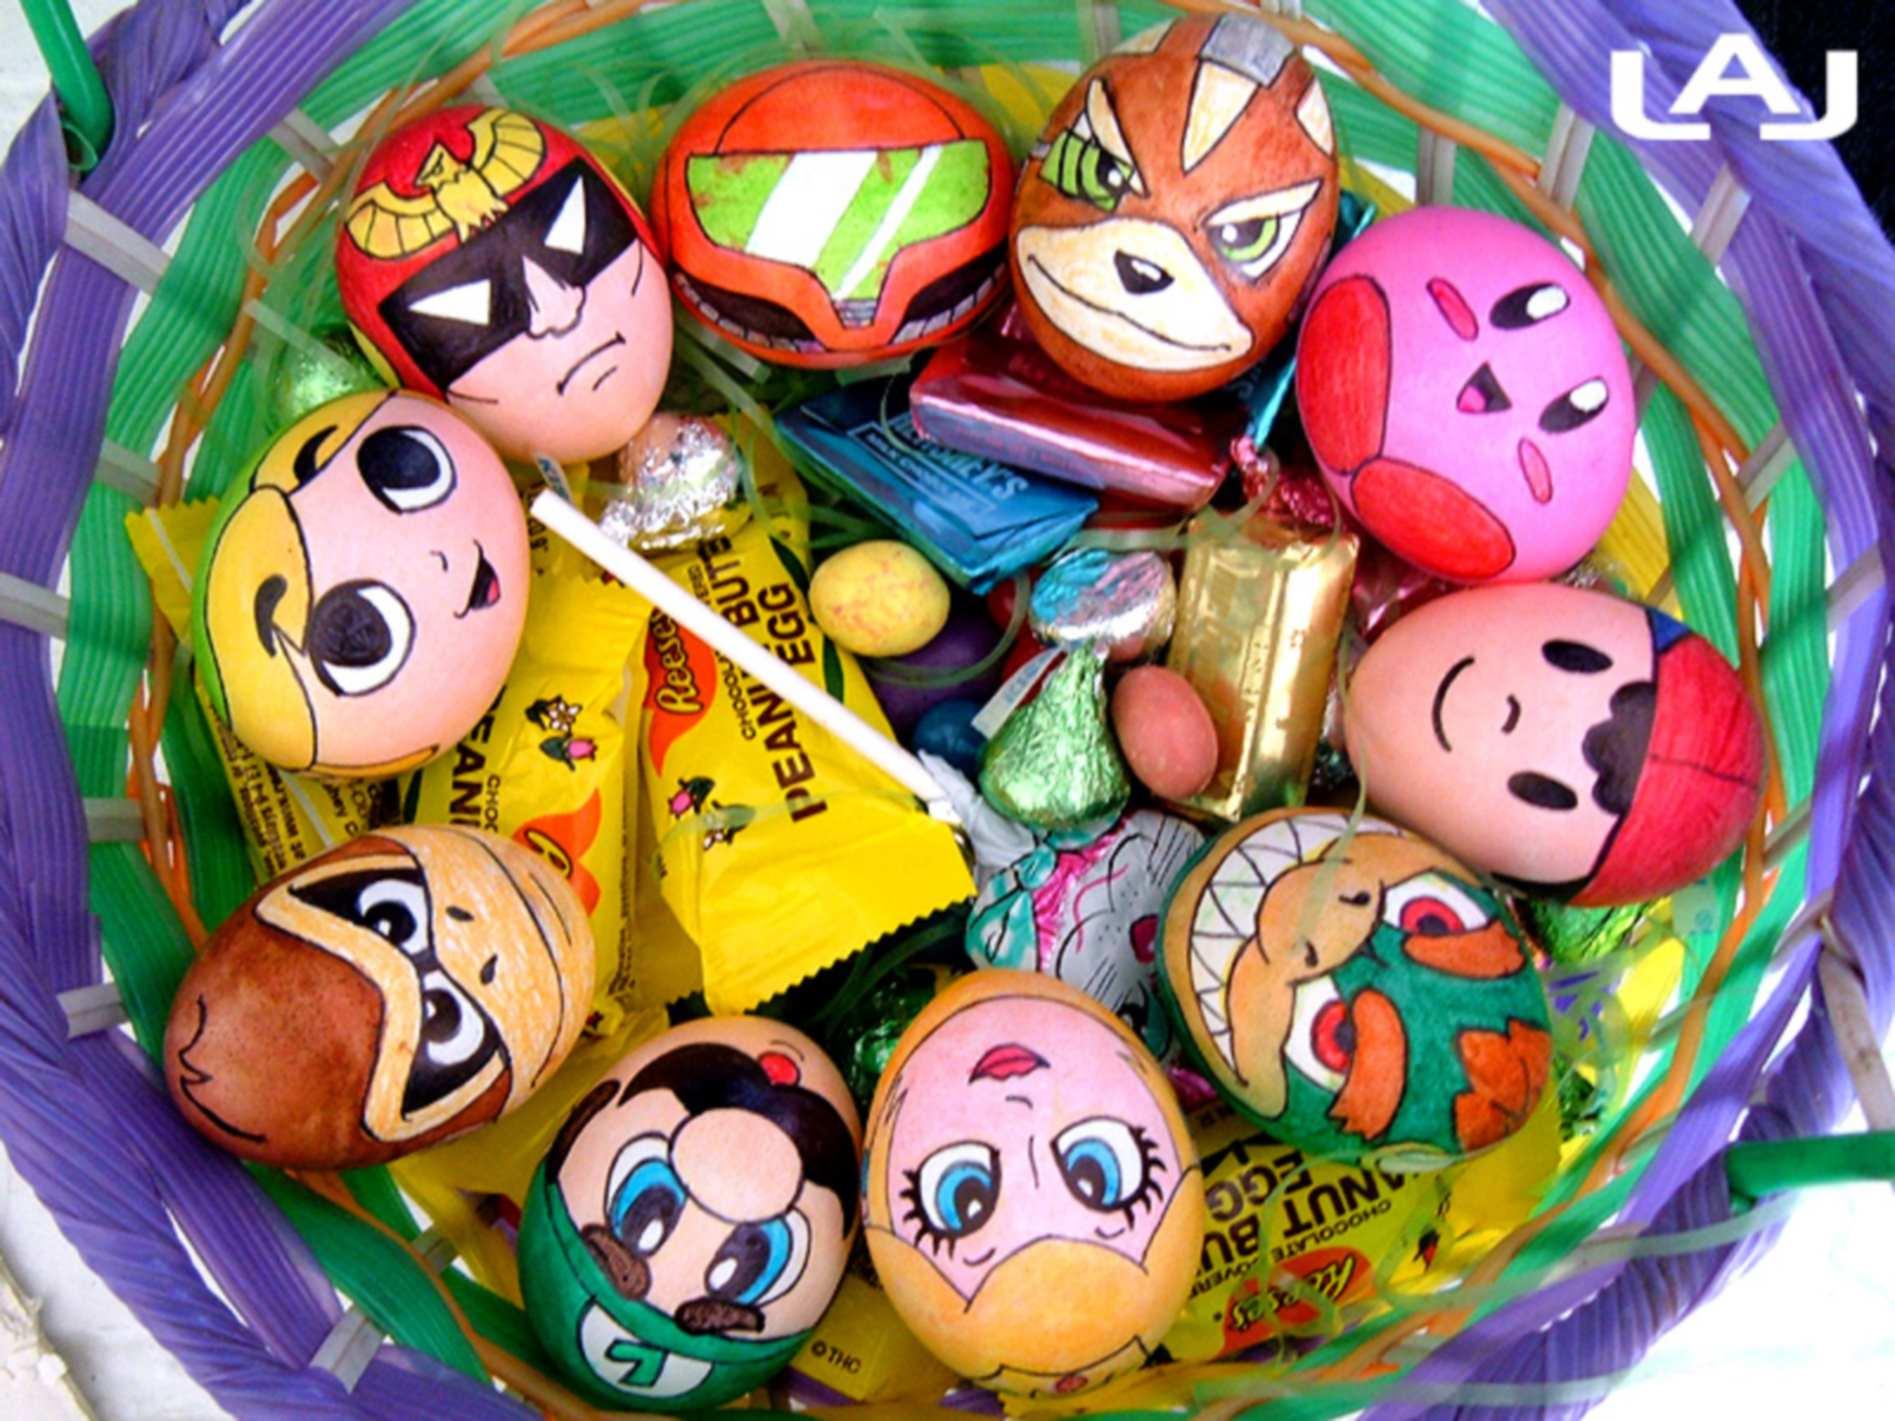 رنگ آمیزی کودکانه تخم مرغ عید